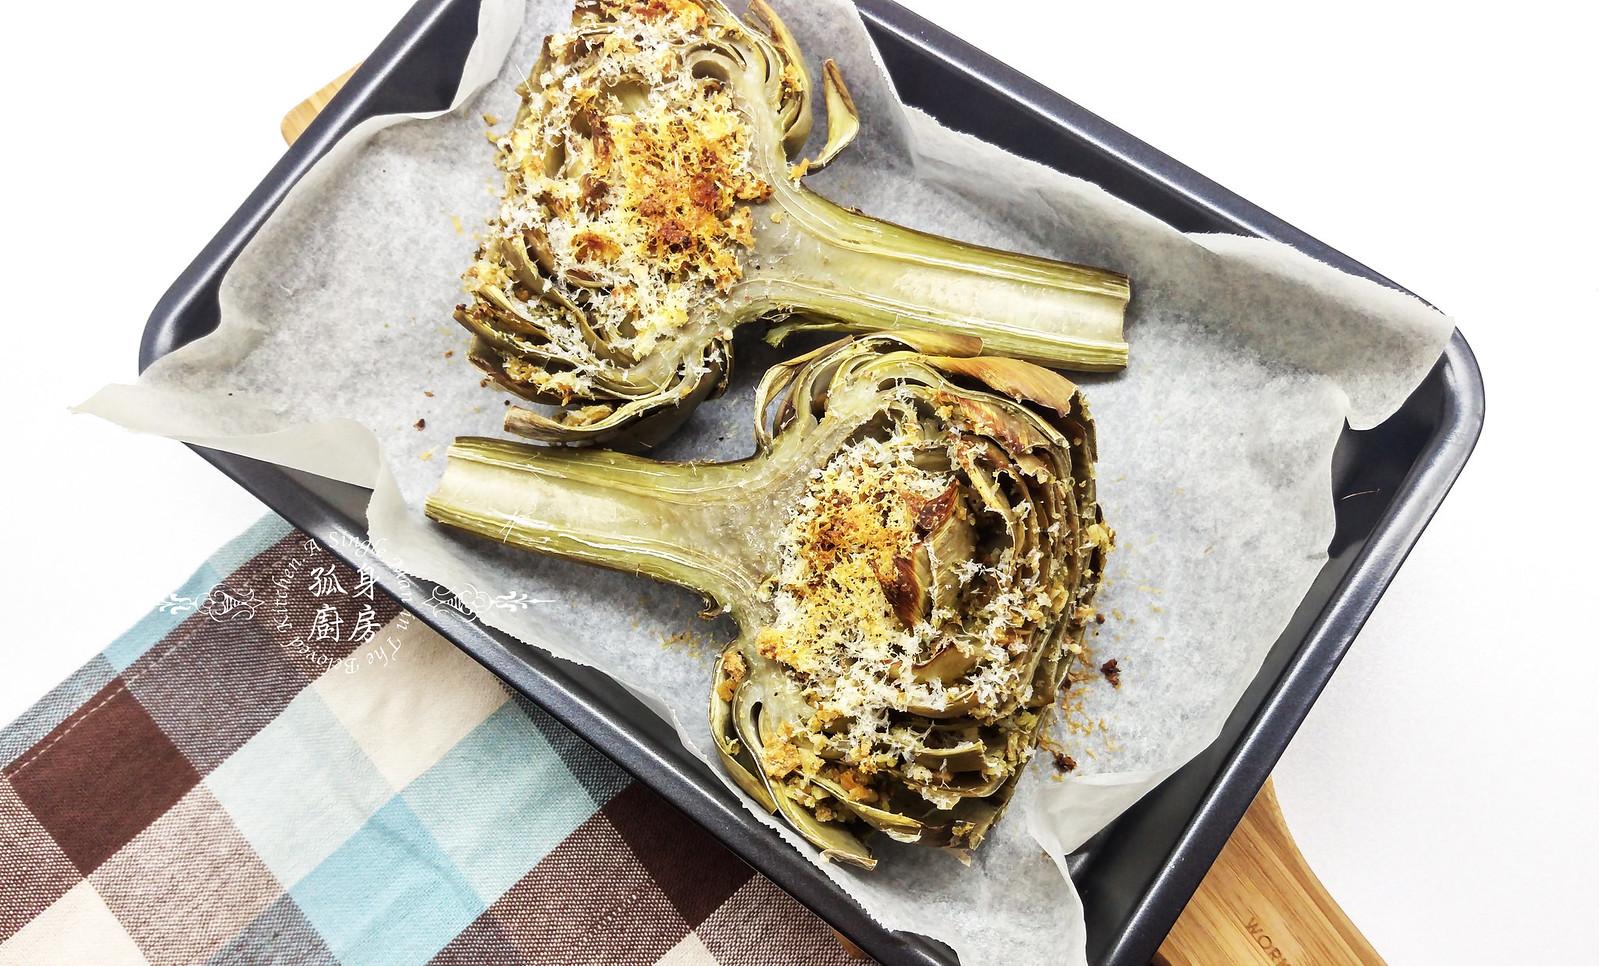 孤身廚房-青醬帕瑪森起司鑲烤朝鮮薊佐簡易油醋蘿蔓沙拉22